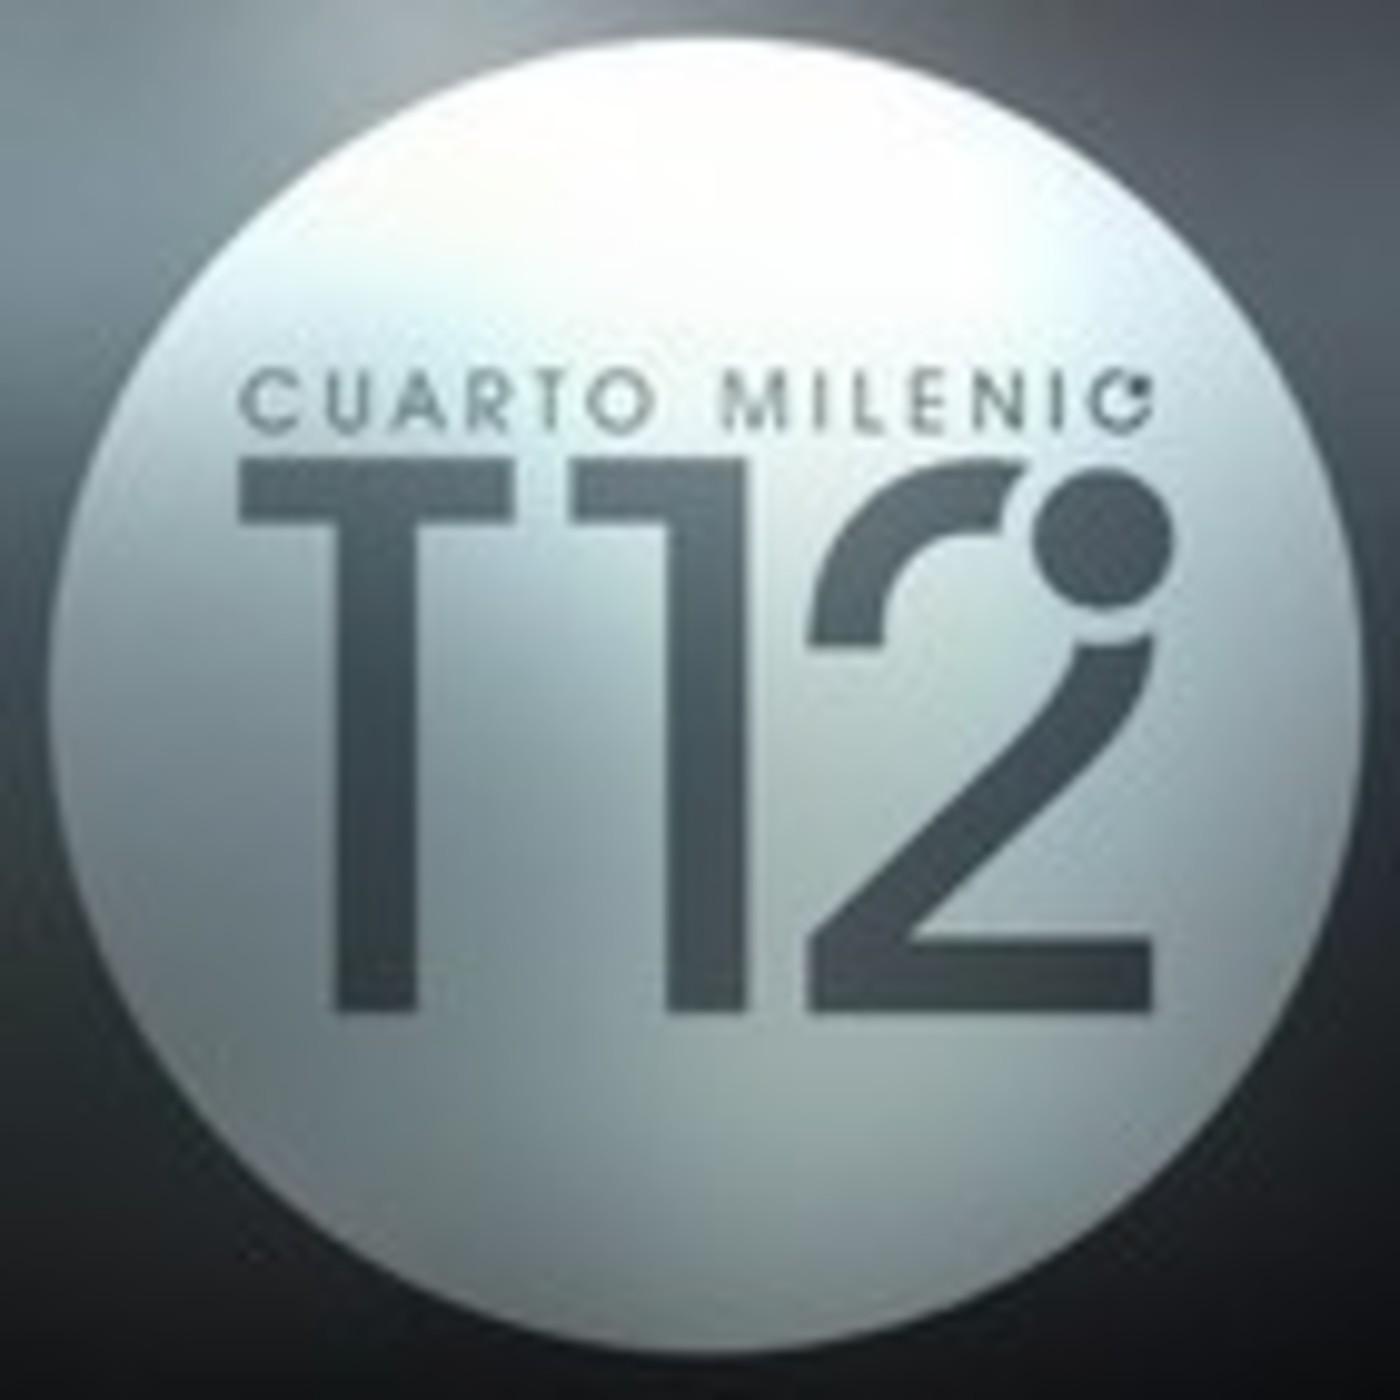 cuarto milenio radio descargar - 28 images - escucha el canal cuarto ...